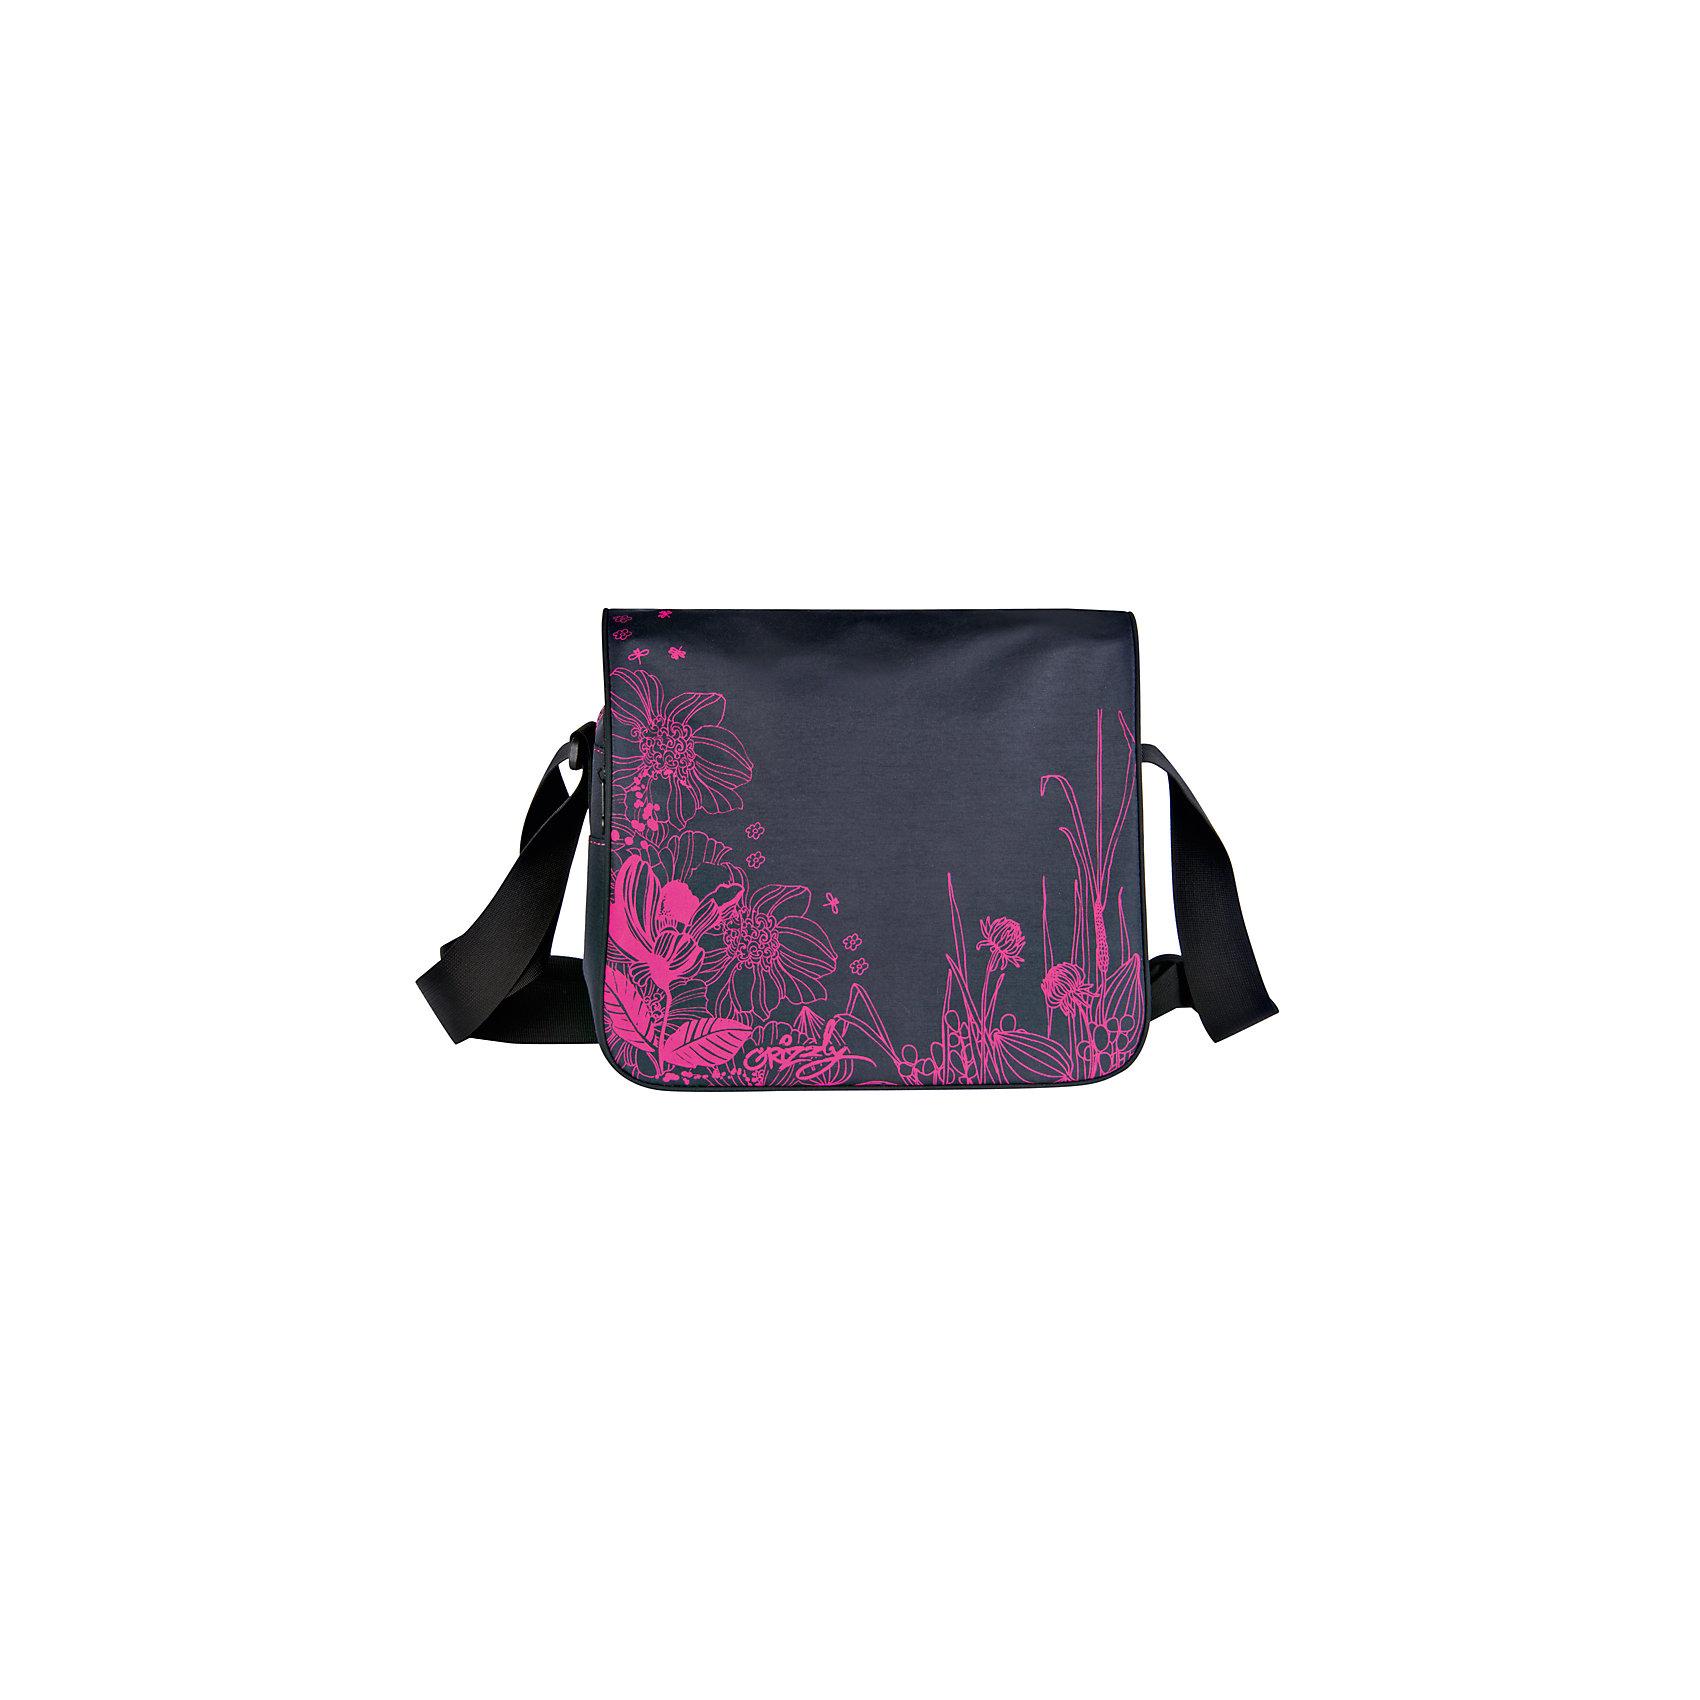 Сумка школьная Grizzly, черный-фуксияШкольные сумки<br>Молодежная сумка, два отделения, клапан на липучках, передний карман, плоский передний карман на молнии, внутренний карман на молнии, регулируемый плечевой ремень<br><br>Ширина мм: 335<br>Глубина мм: 100<br>Высота мм: 280<br>Вес г: 465<br>Возраст от месяцев: 120<br>Возраст до месяцев: 2147483647<br>Пол: Женский<br>Возраст: Детский<br>SKU: 6939822